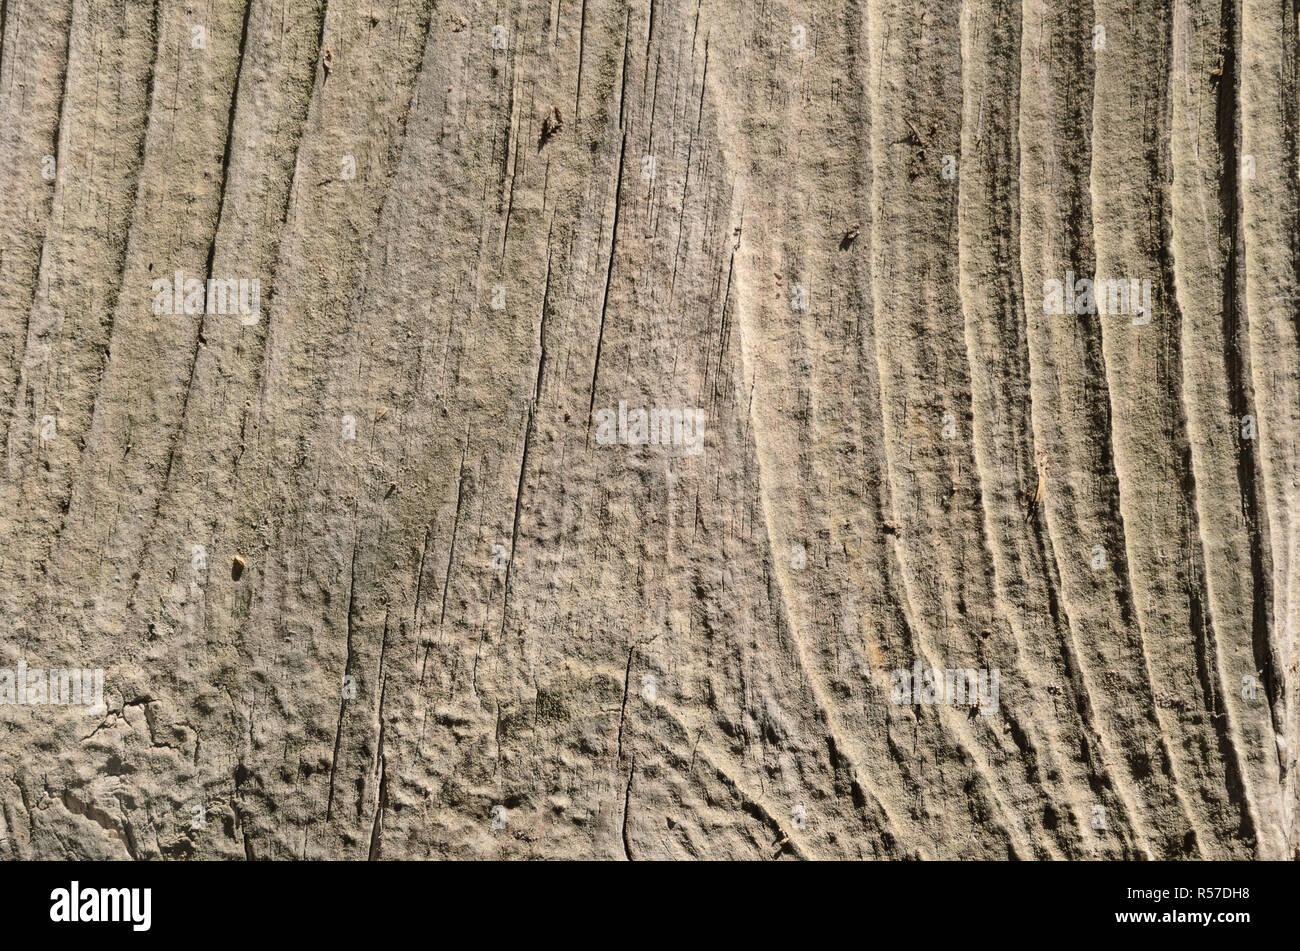 Licht Holz Textur. Zusammenfassung Hintergrund Stockfoto ...